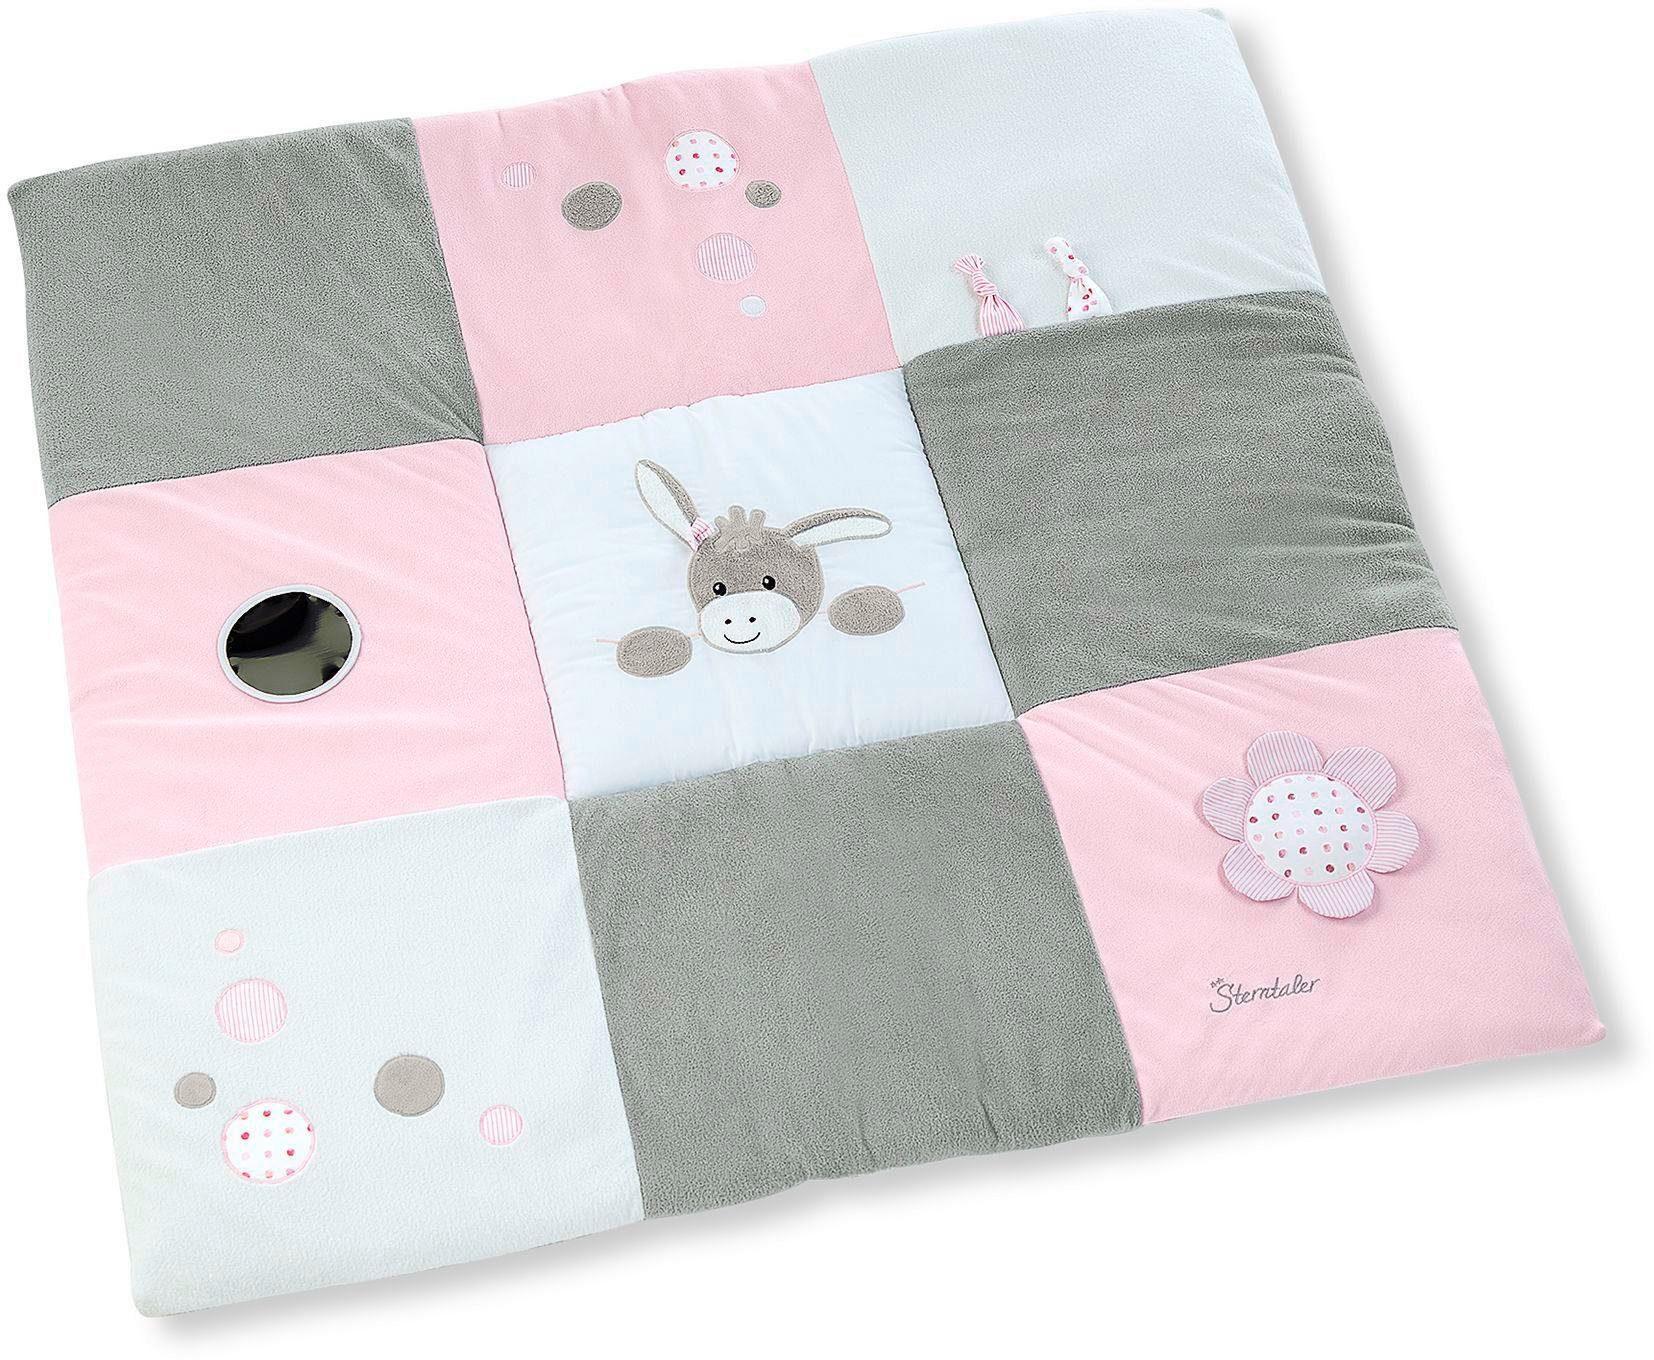 Sterntaler Decken Dekoration : Sterntaler kissen ebay kleinanzeigen